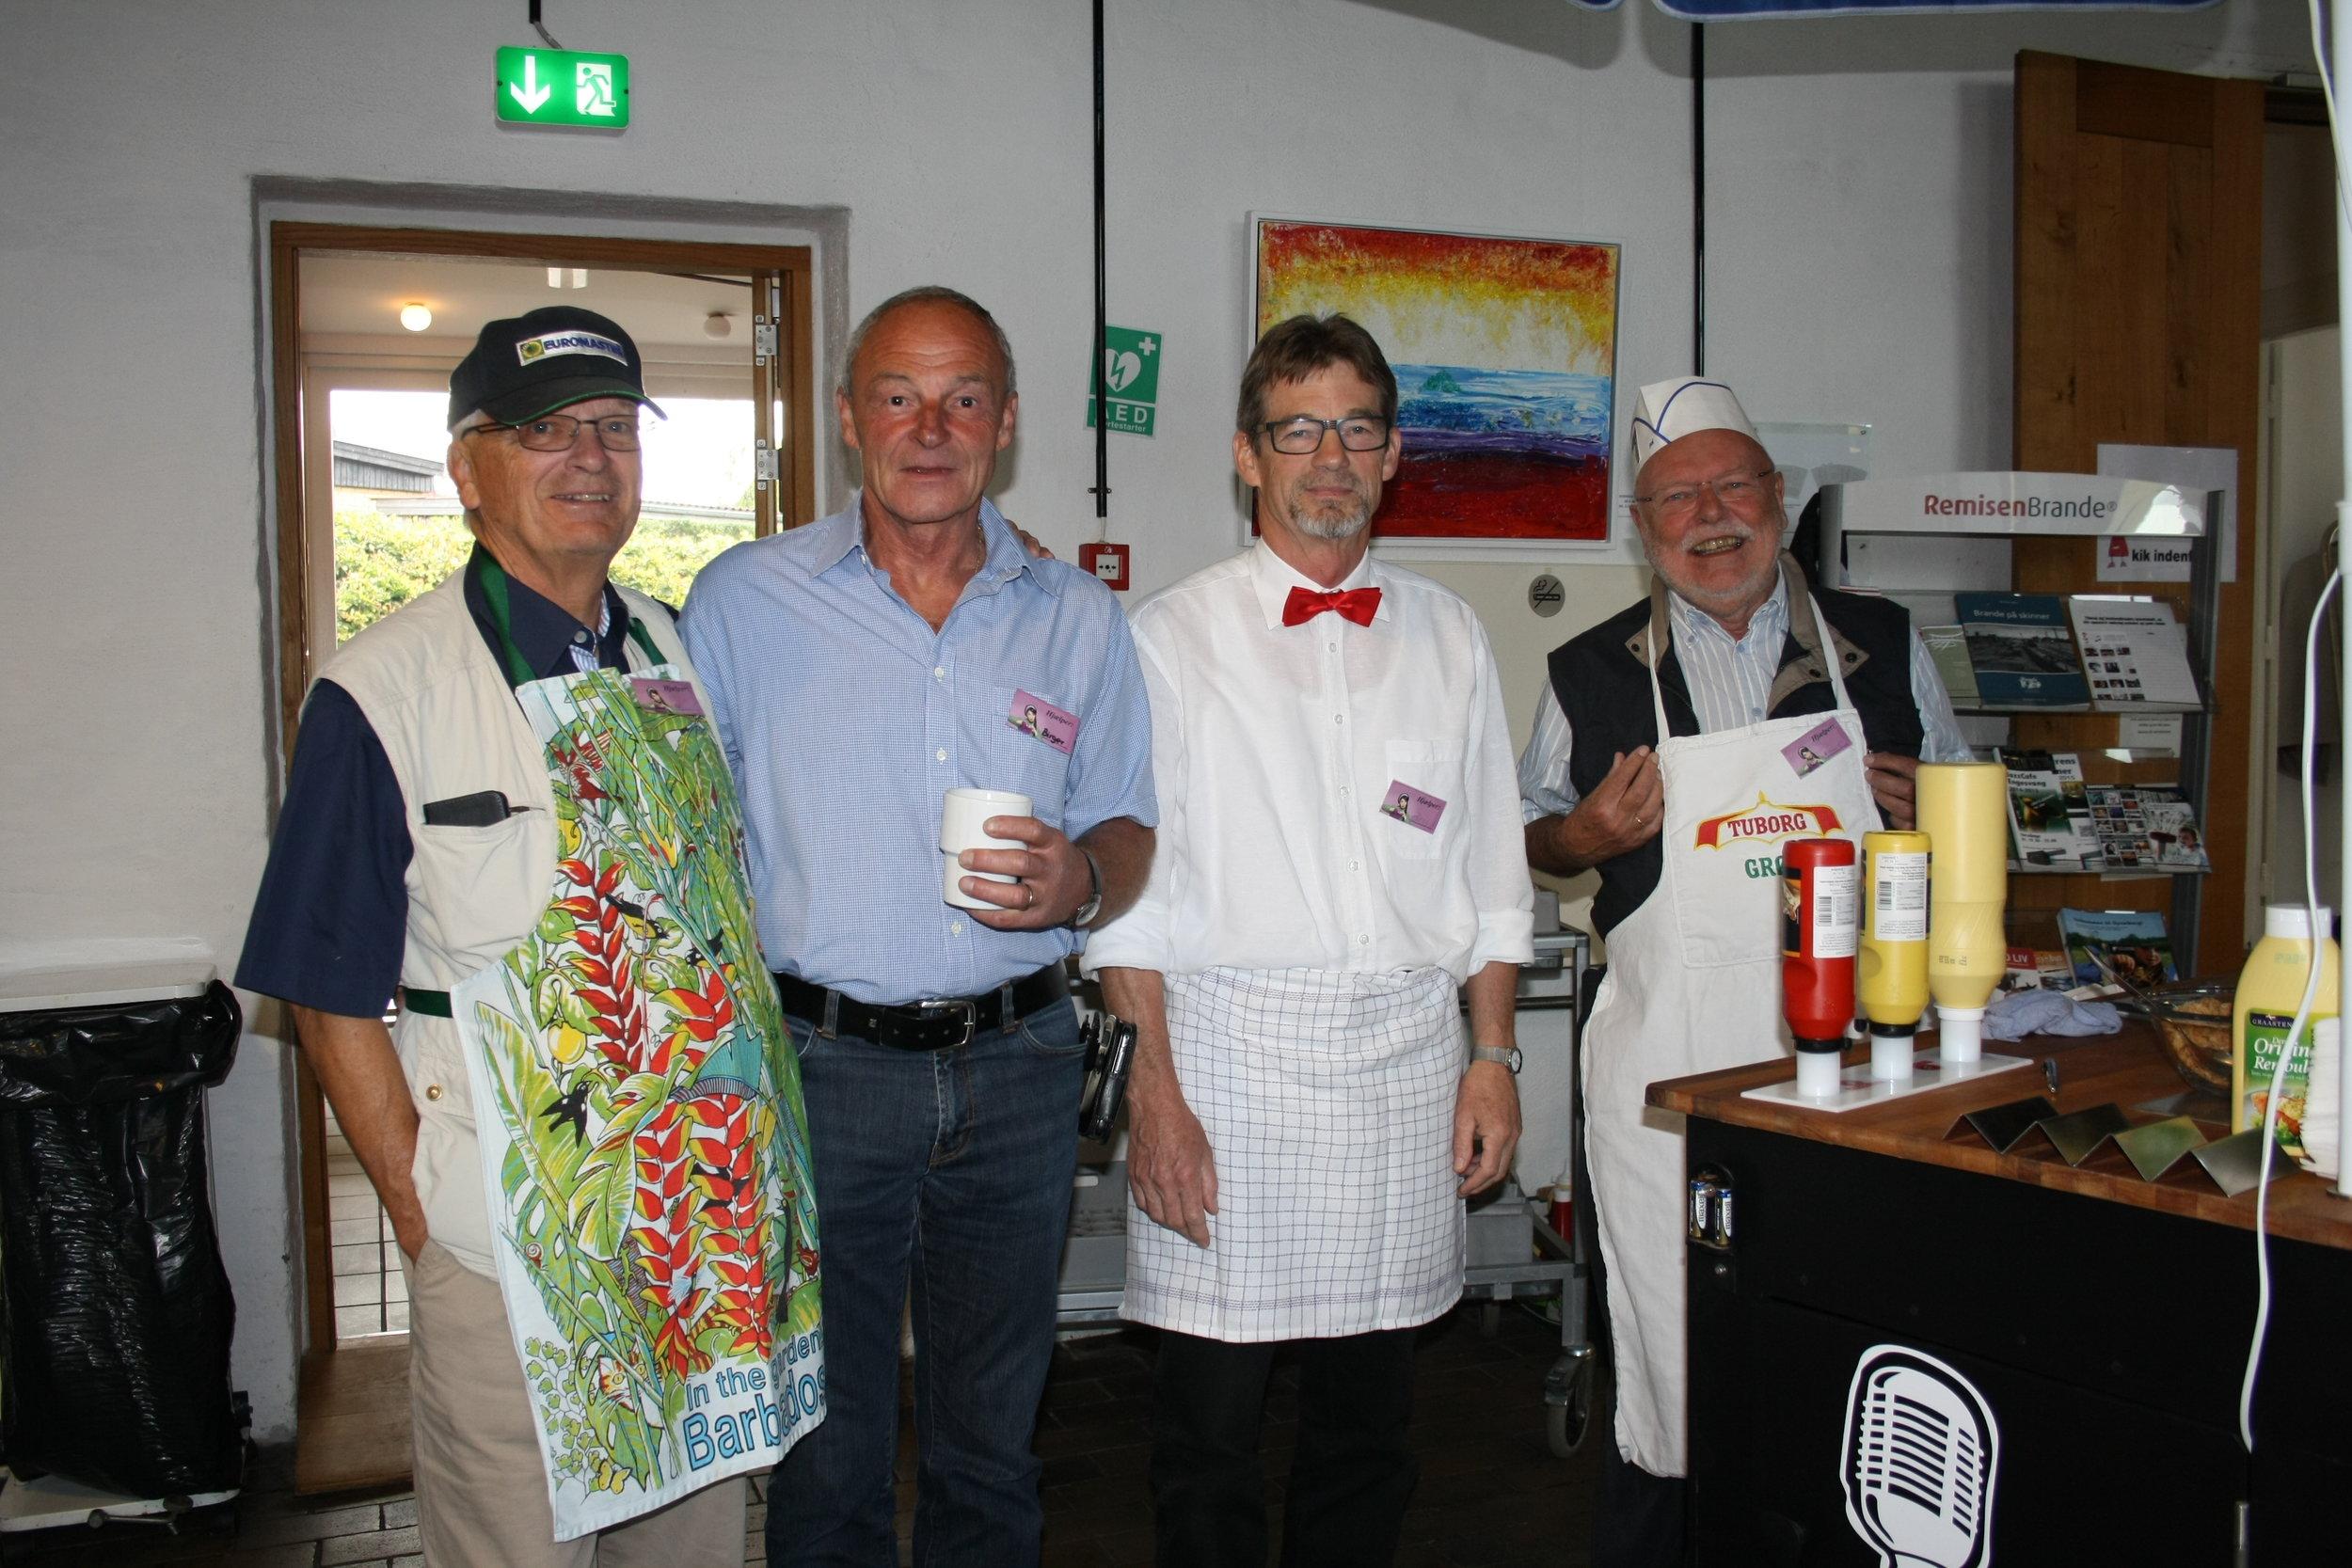 Her ses pølsemændene i 2014. I år bliver alle iført en flot rød propel, som Benny ses med her .   Fra venstre med hænderne dybt begravet i lommerne (heldigvis hans egne :)) Allan, derefter Birger som får sig en tår kaffe, Benny der er TOPKLAR i det rigtig outfit og til sidst Arne. Ud over HOTDOG denne dag er det selvfølgelig muligt at købe sandwich, kage, kaffe, the, vin og øl. Der er opsat borde hvor man både kan hygge, spise og strikke. Sæt dagen af, tag strikketøjet og veninderne under armen og kom og oplev en hyggelig dag!